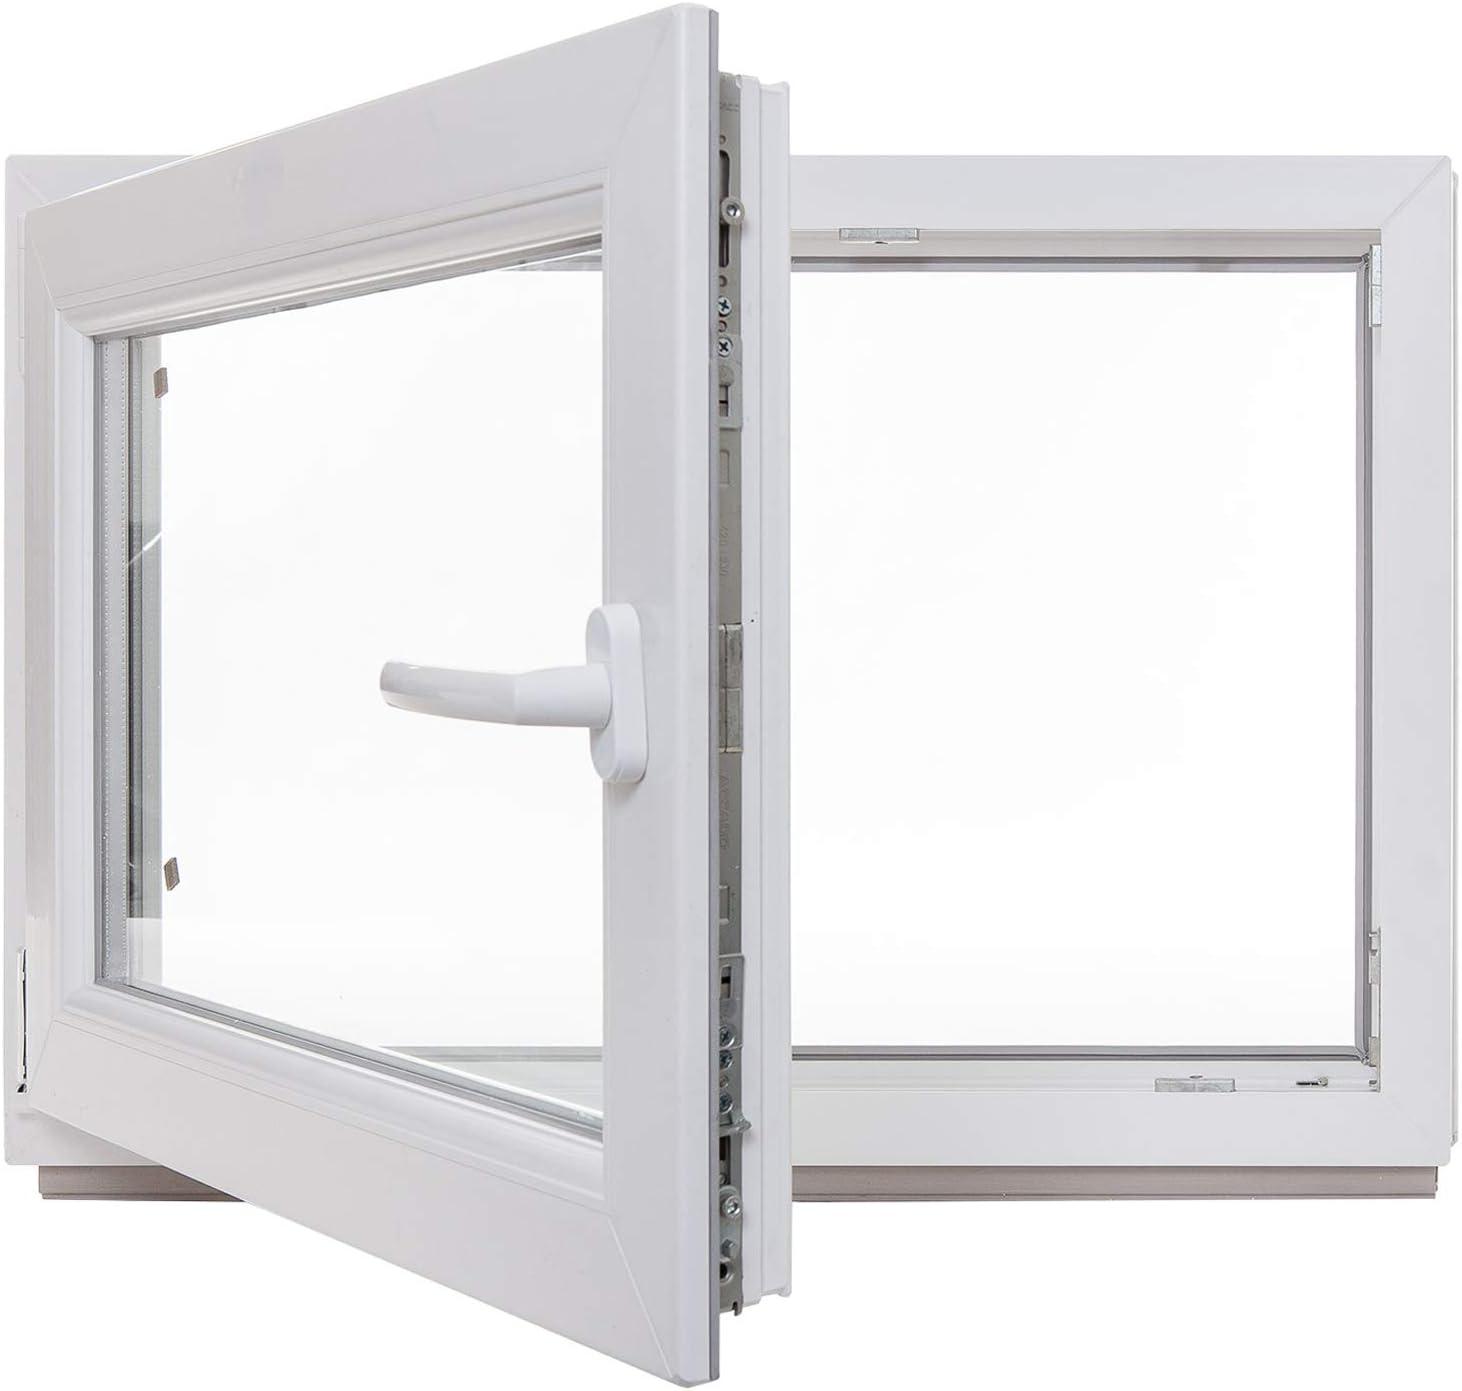 verschiedene Ma/ße 60mm Profil LAGERWARE wei/ß Kunststoff 3-fach-Verglasung BxH: 100x80 cm Fenster Kellerfenster DIN rechts